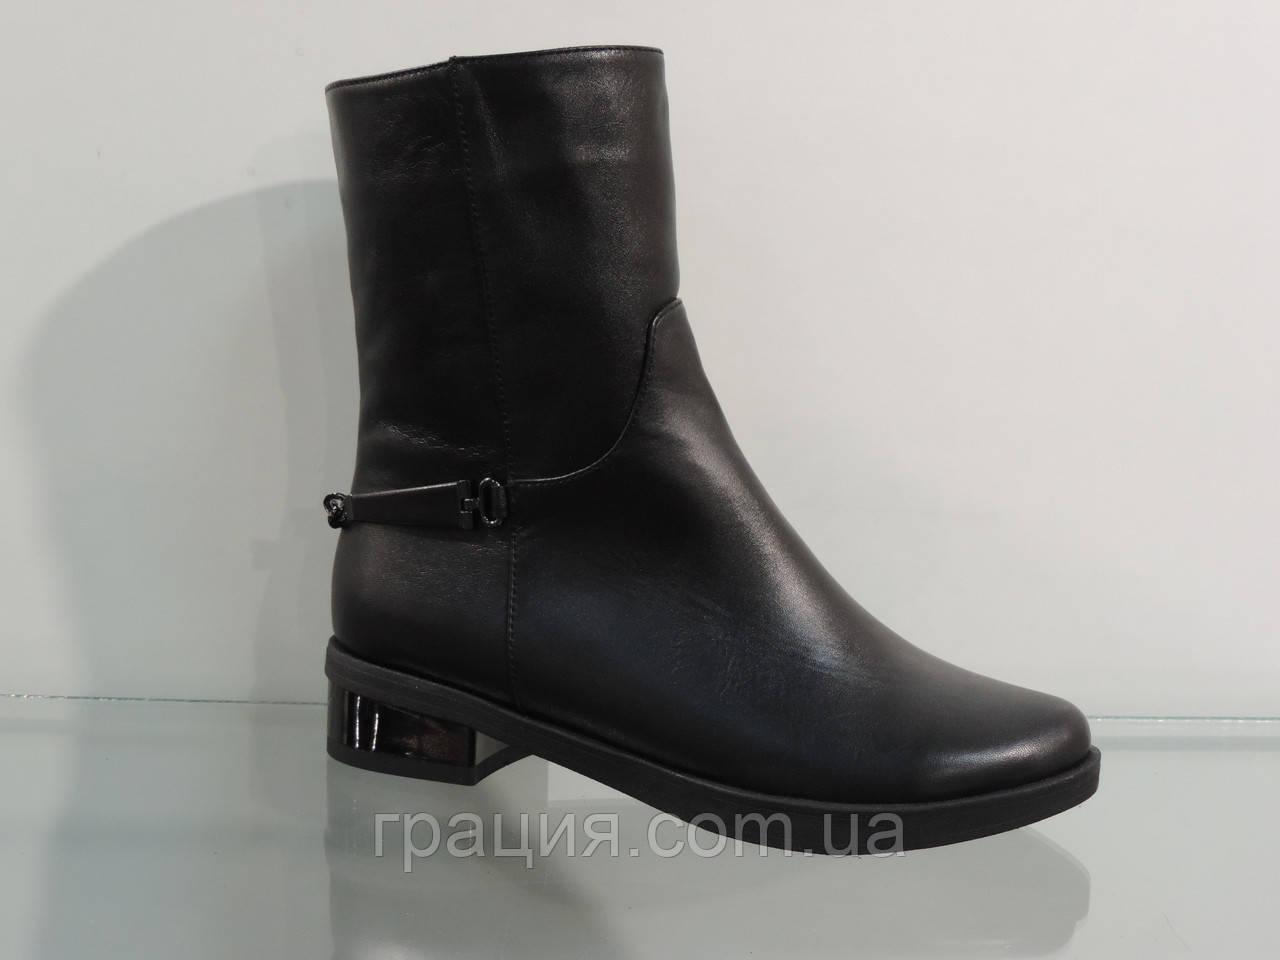 Модные молодежные ботинки кожаные